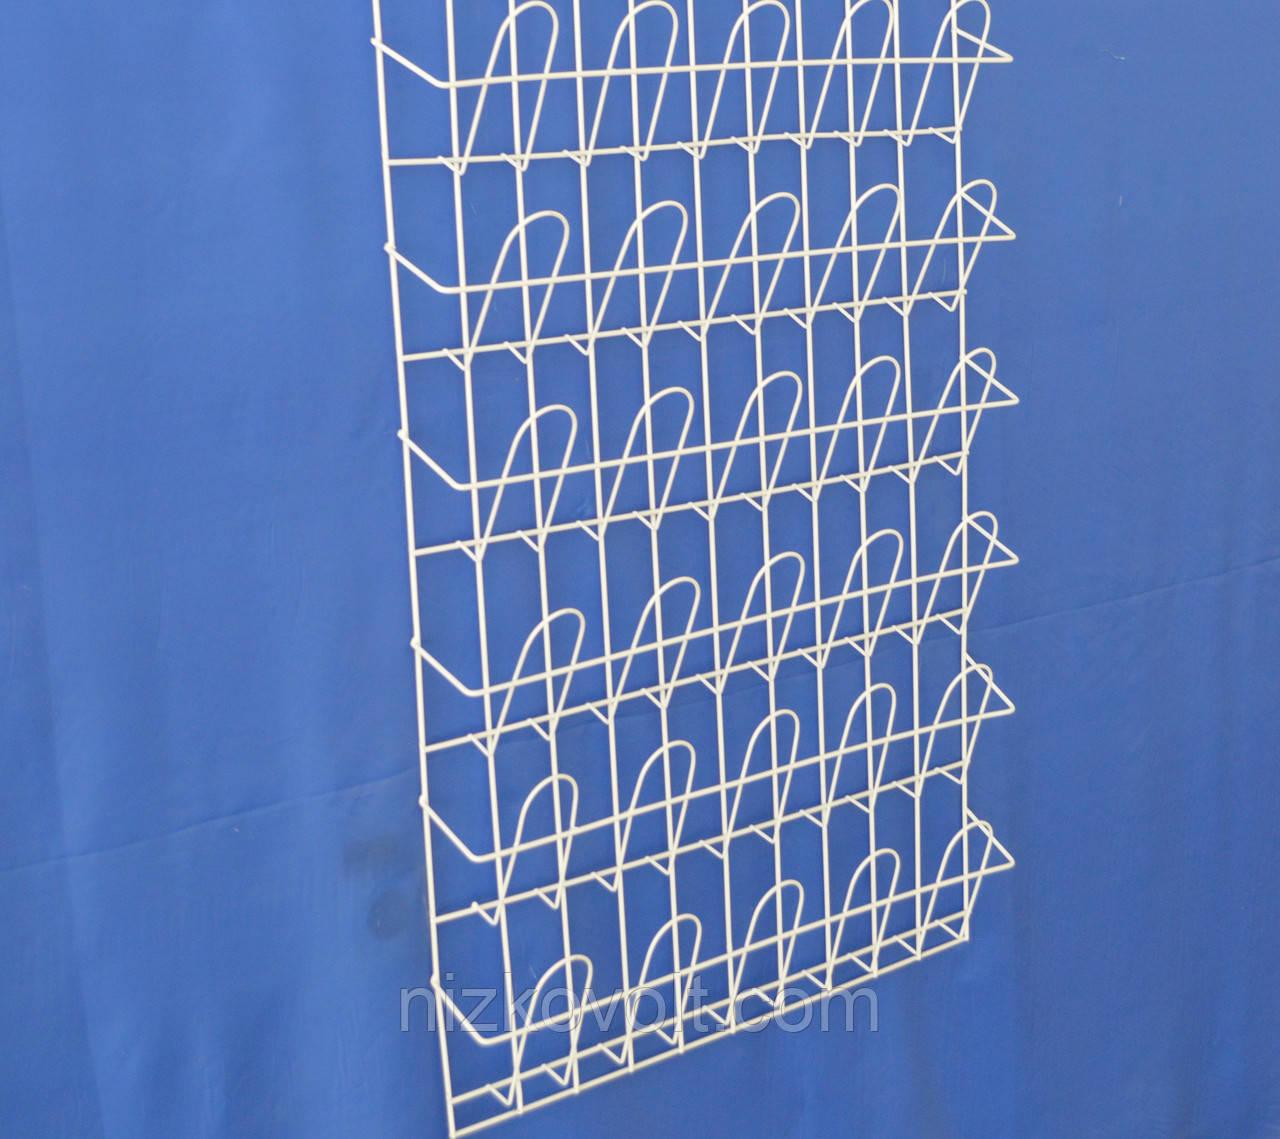 Стеллаж для торговли  журналами,открытками,листовками навесной корзиночный 6 рядов по 5 ячеек